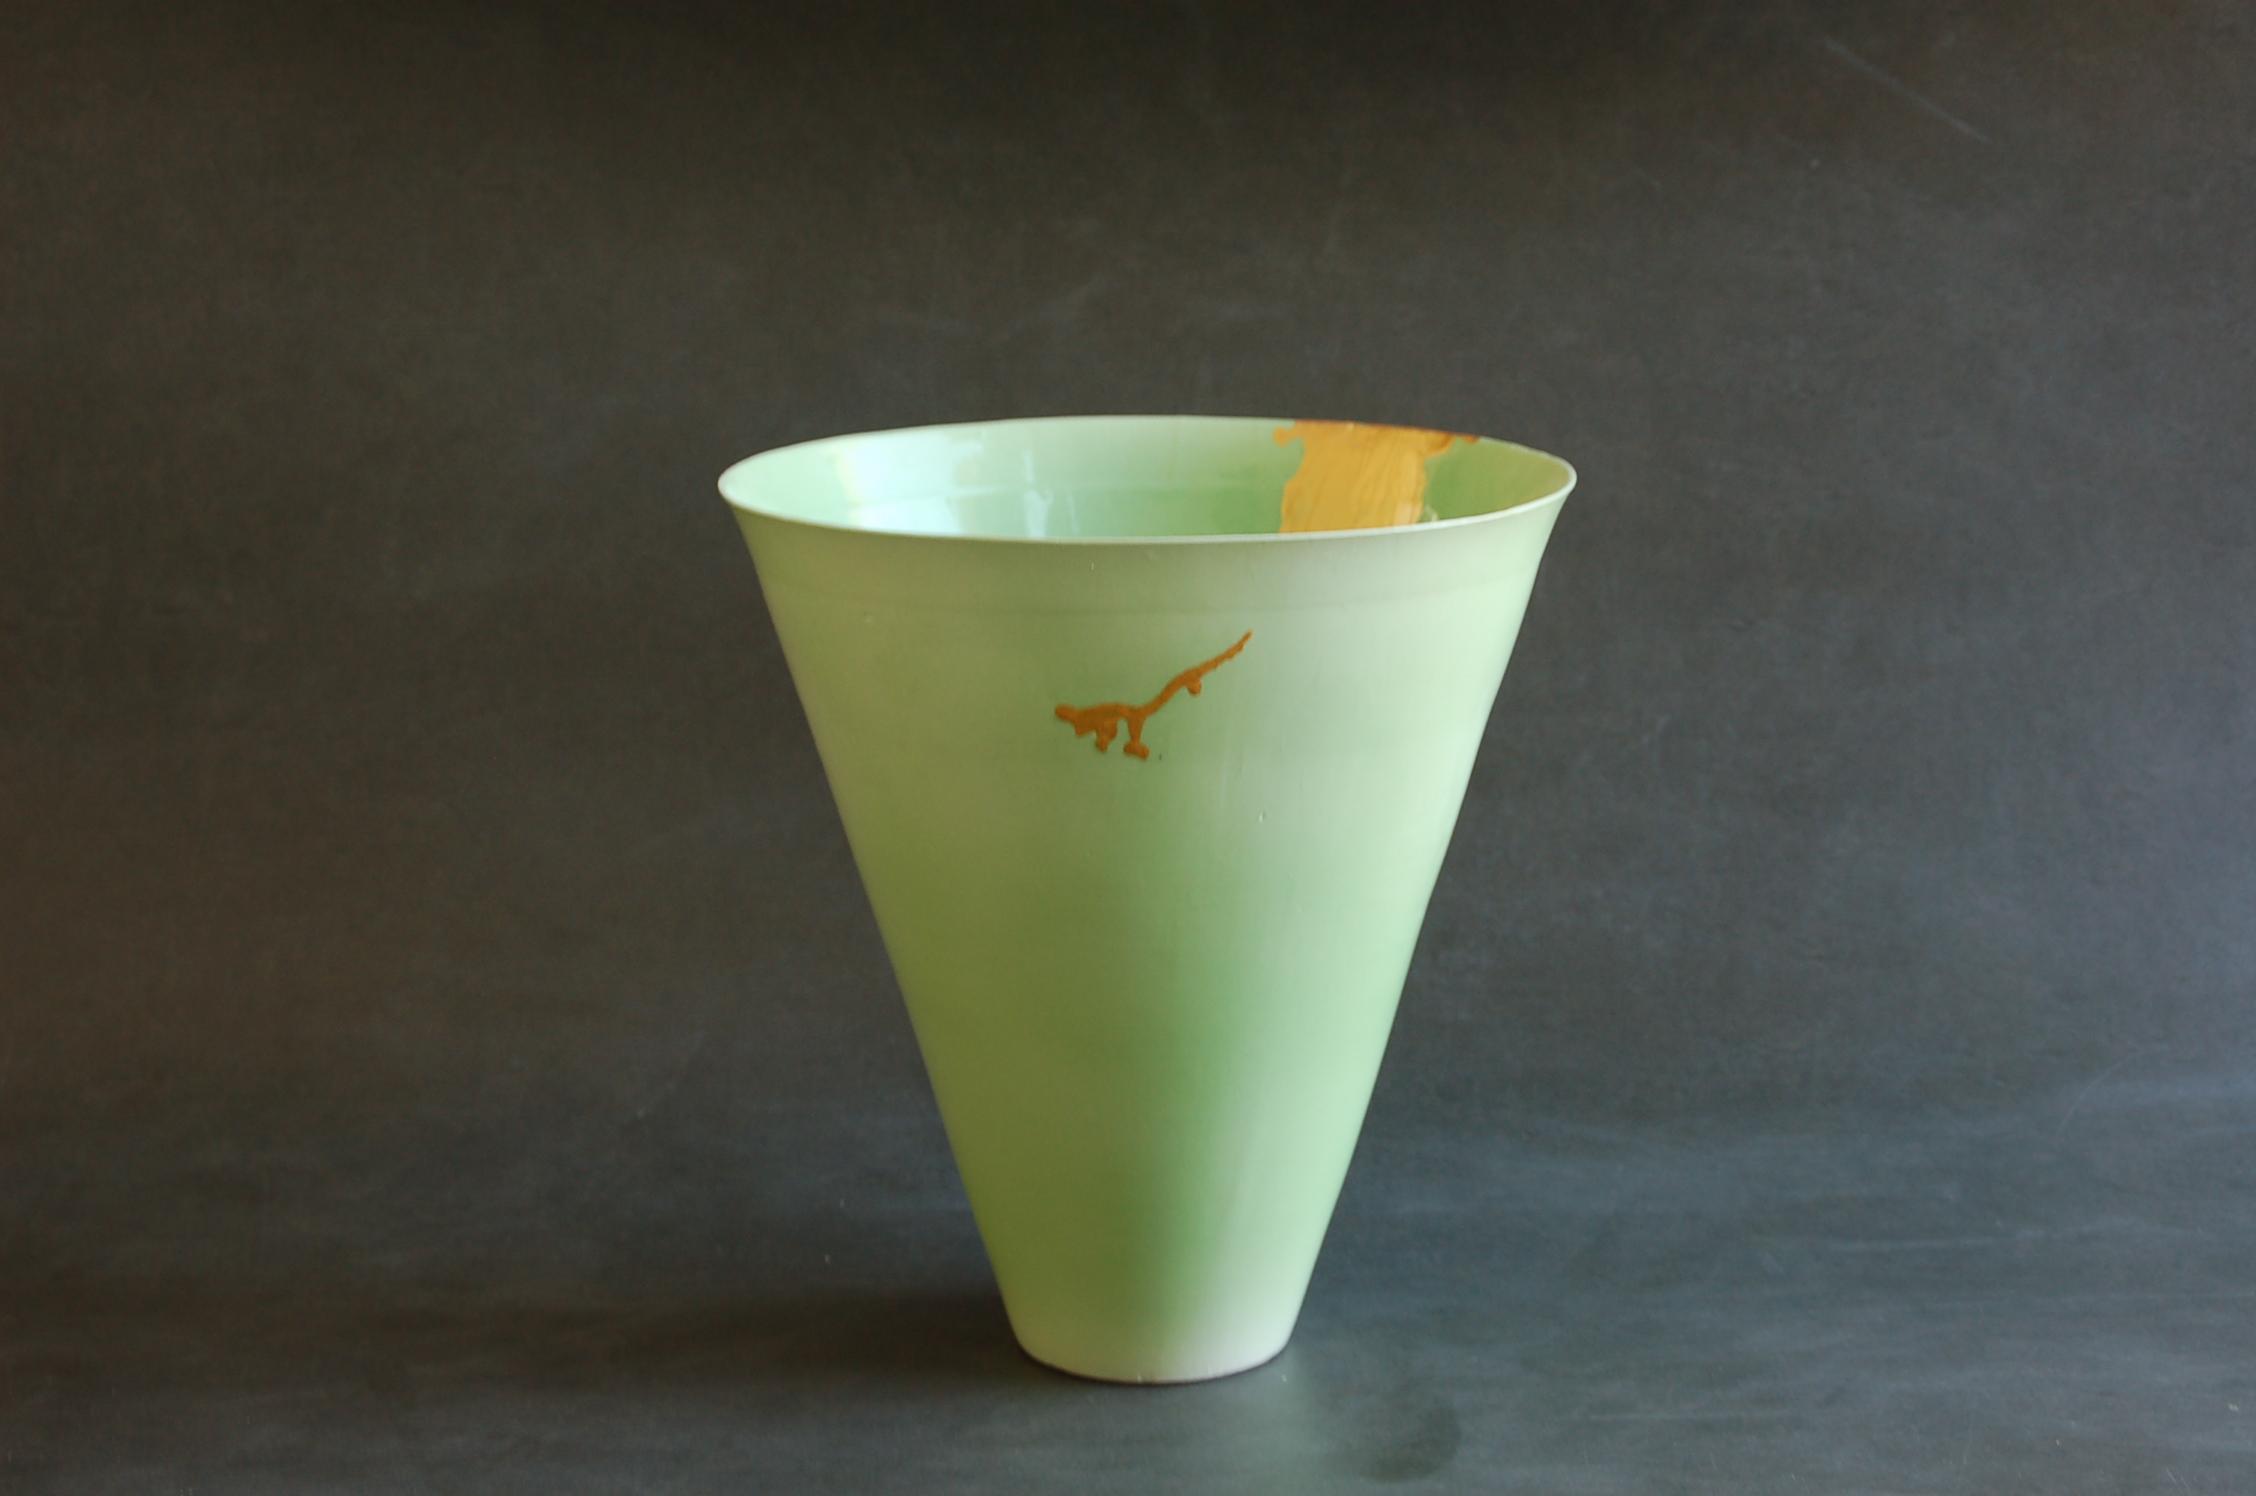 """Vase en porcelaine fine """"grand cone vert et or """" H 32 cm diam 28 cm. décor en peinture acrylique qualité d'artiste. fabrication artisanale par Bas VAN ZUIJLEN."""